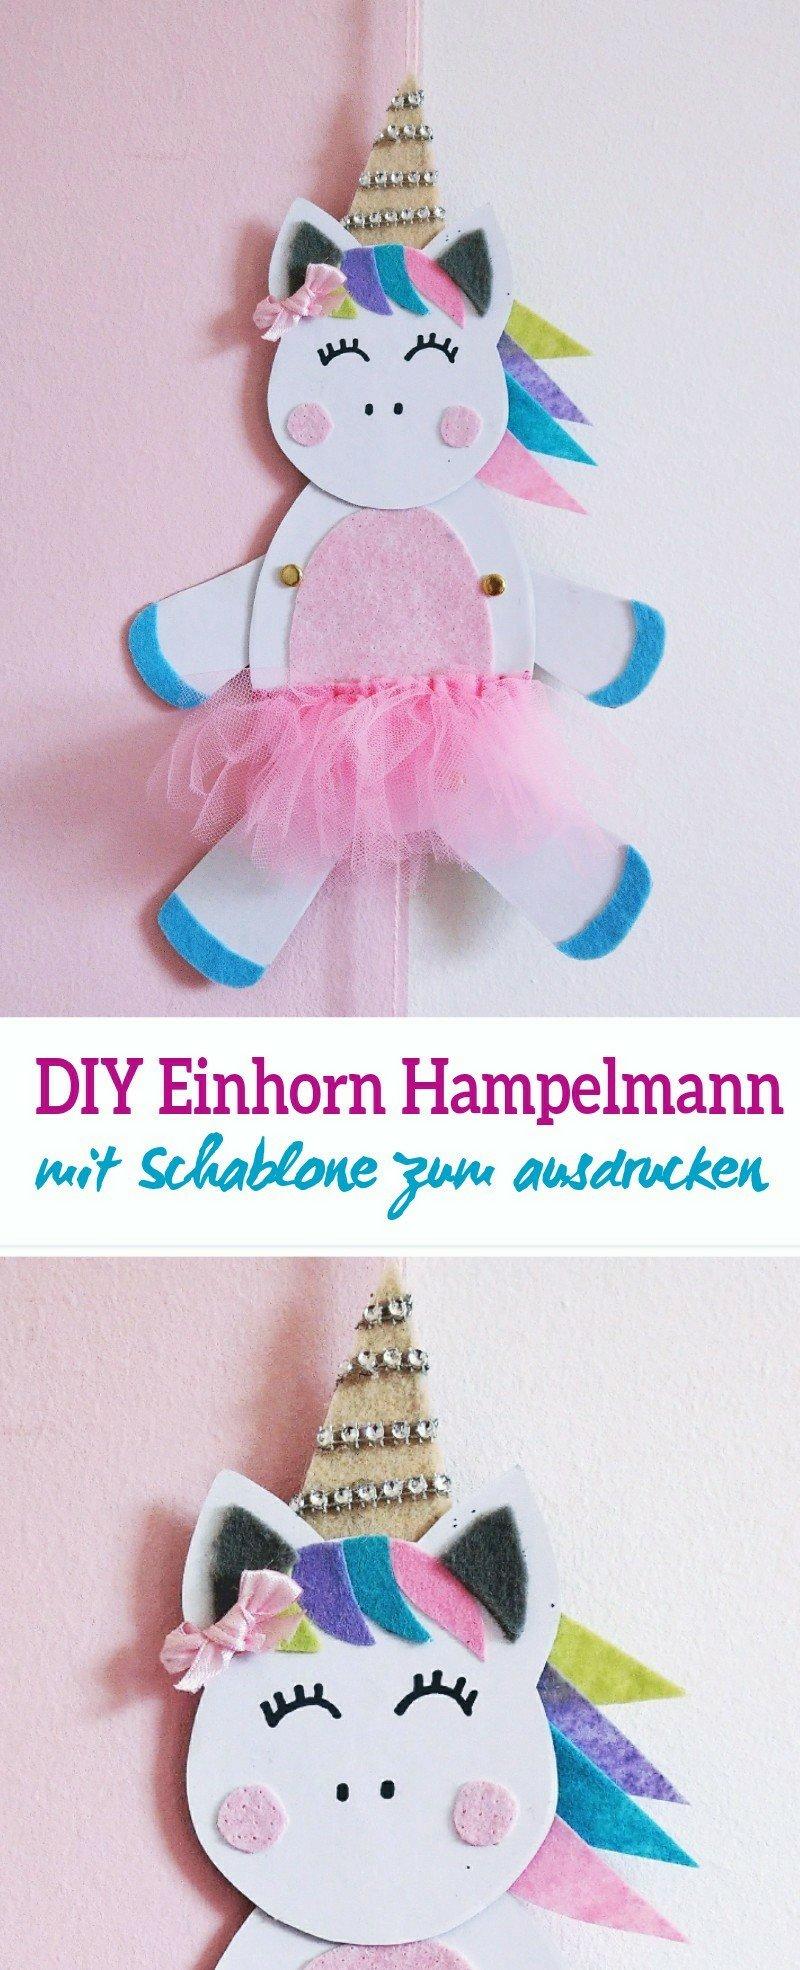 Hier zeige ich euch Schritt für Schritt wie ihr einen DIY Einhorn Hampelmann basteln könnt. Mit Schablone zum ausdrucken (Freebie) Tolle Beschäftigungsidee für den Kindergeburtstag oder den nächsten verregneten Nachmittag.